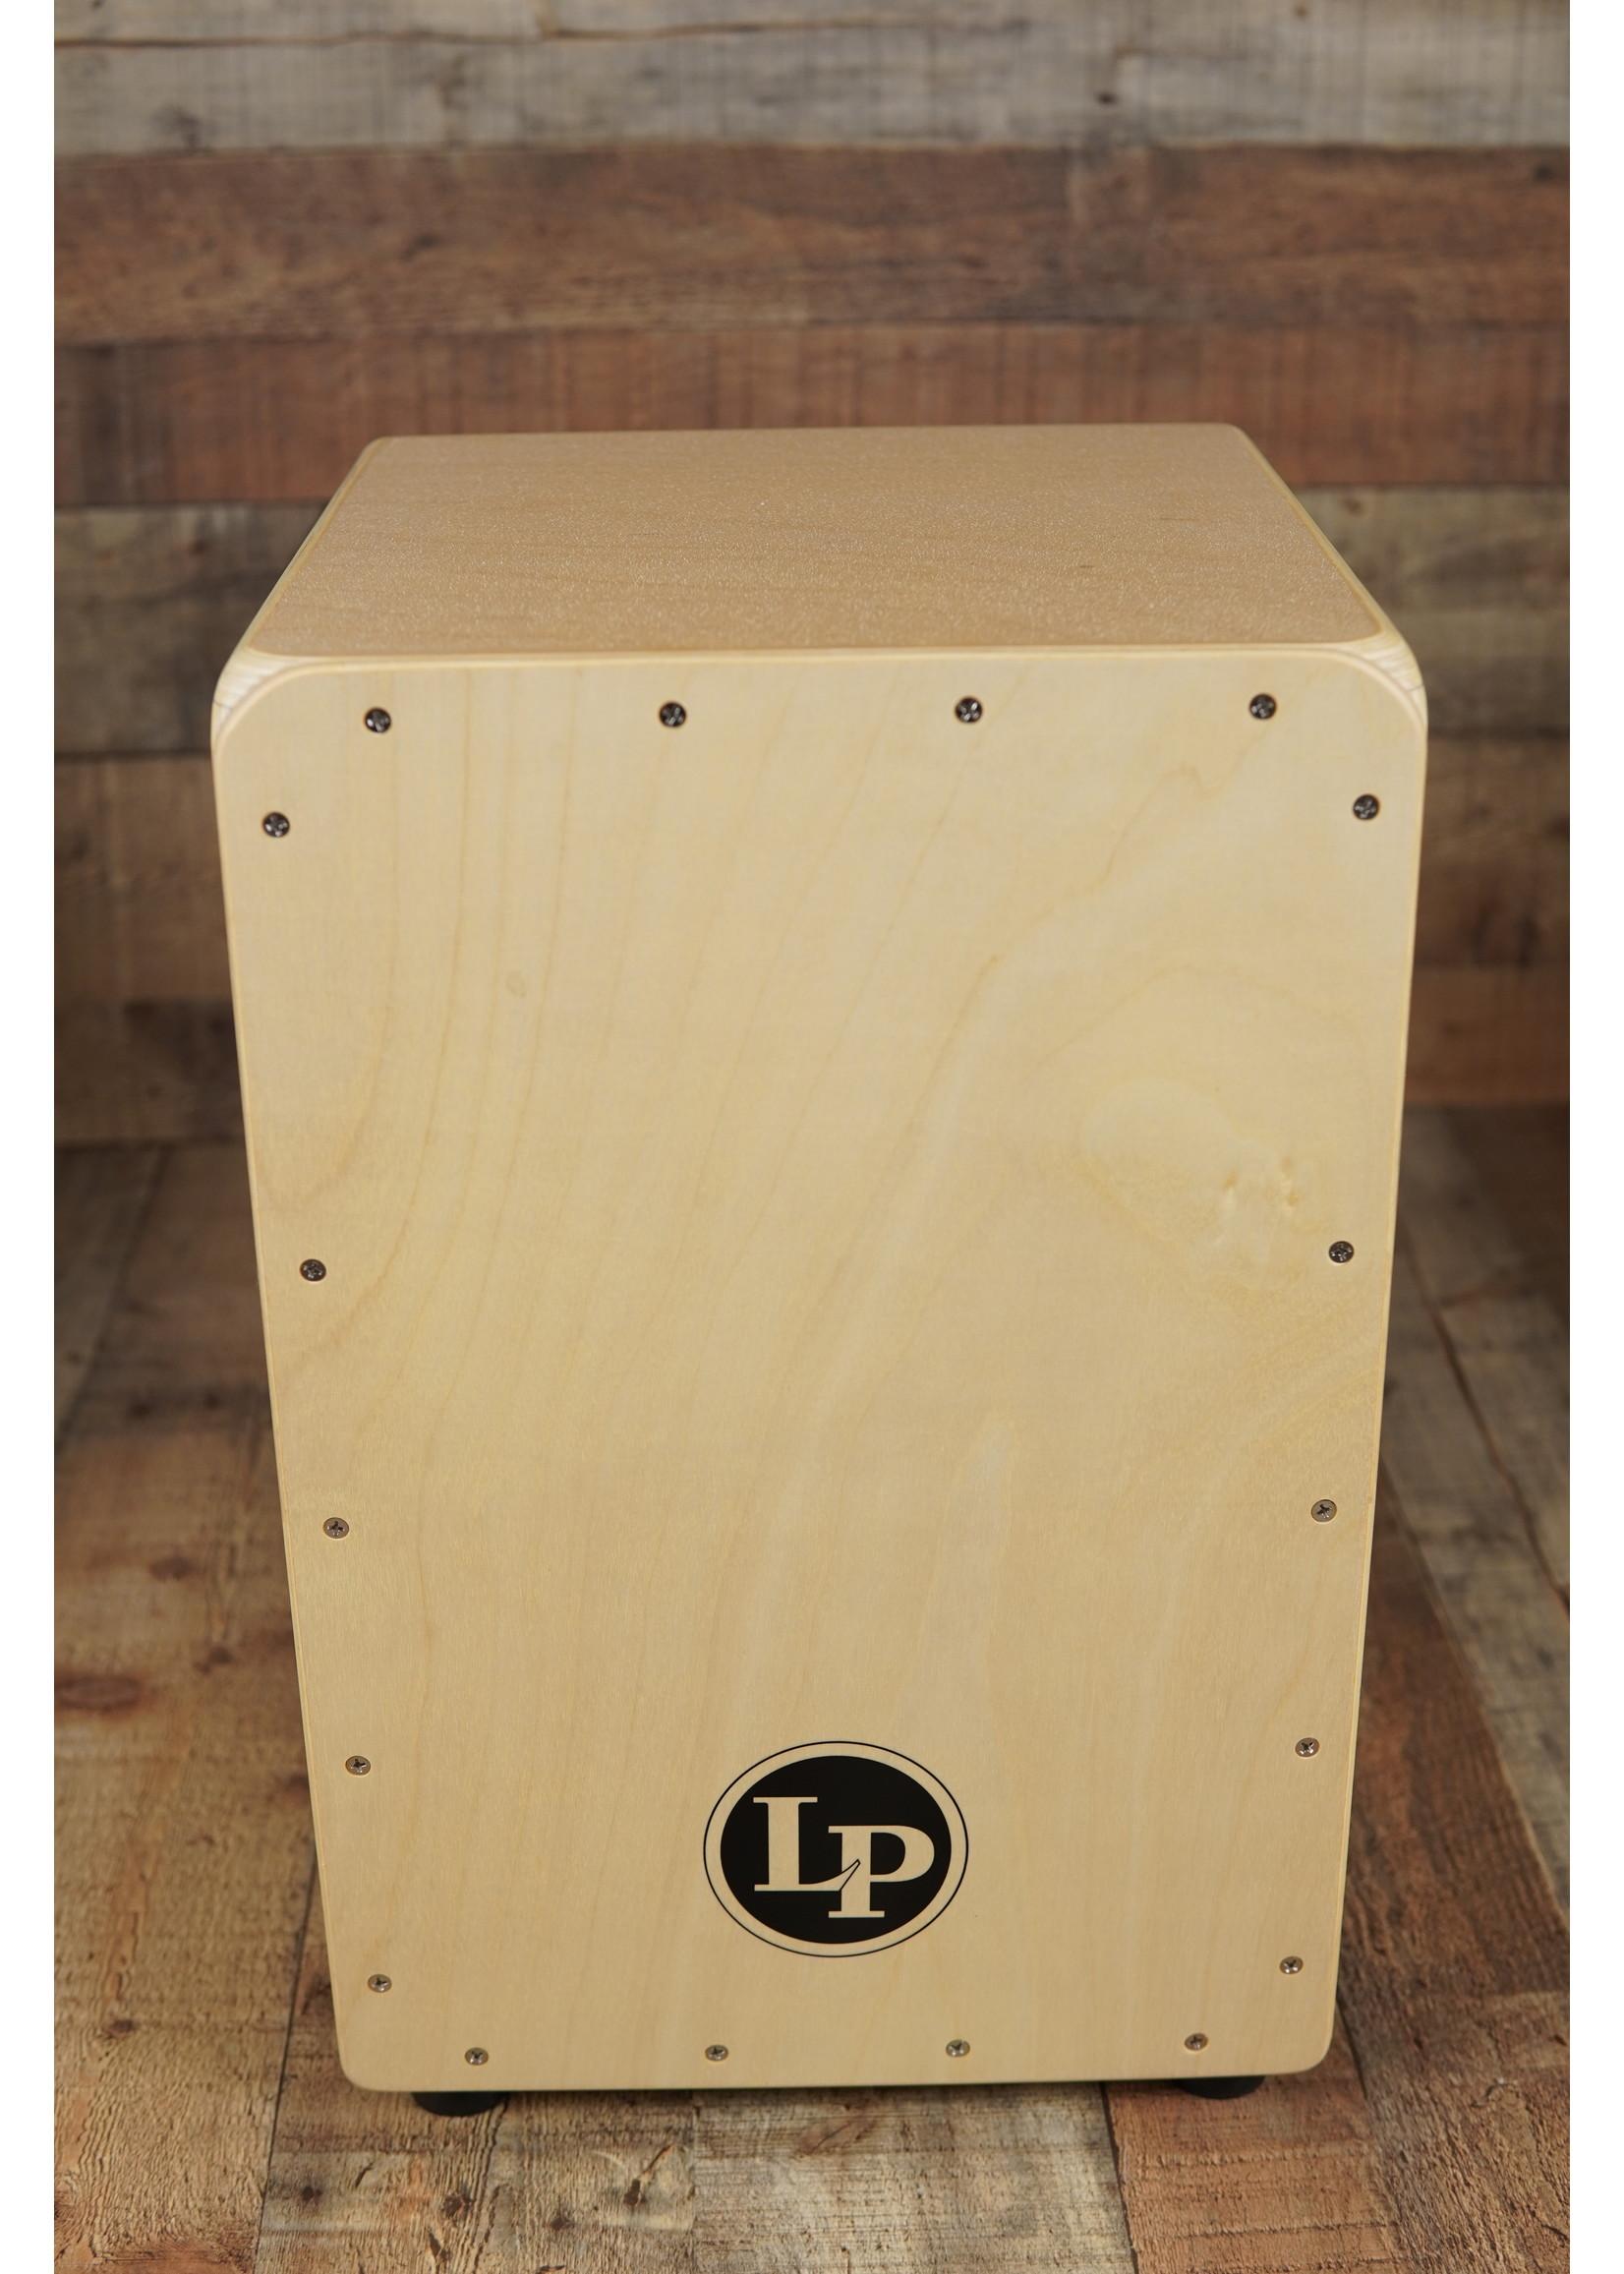 LP LP A1331 Cajon